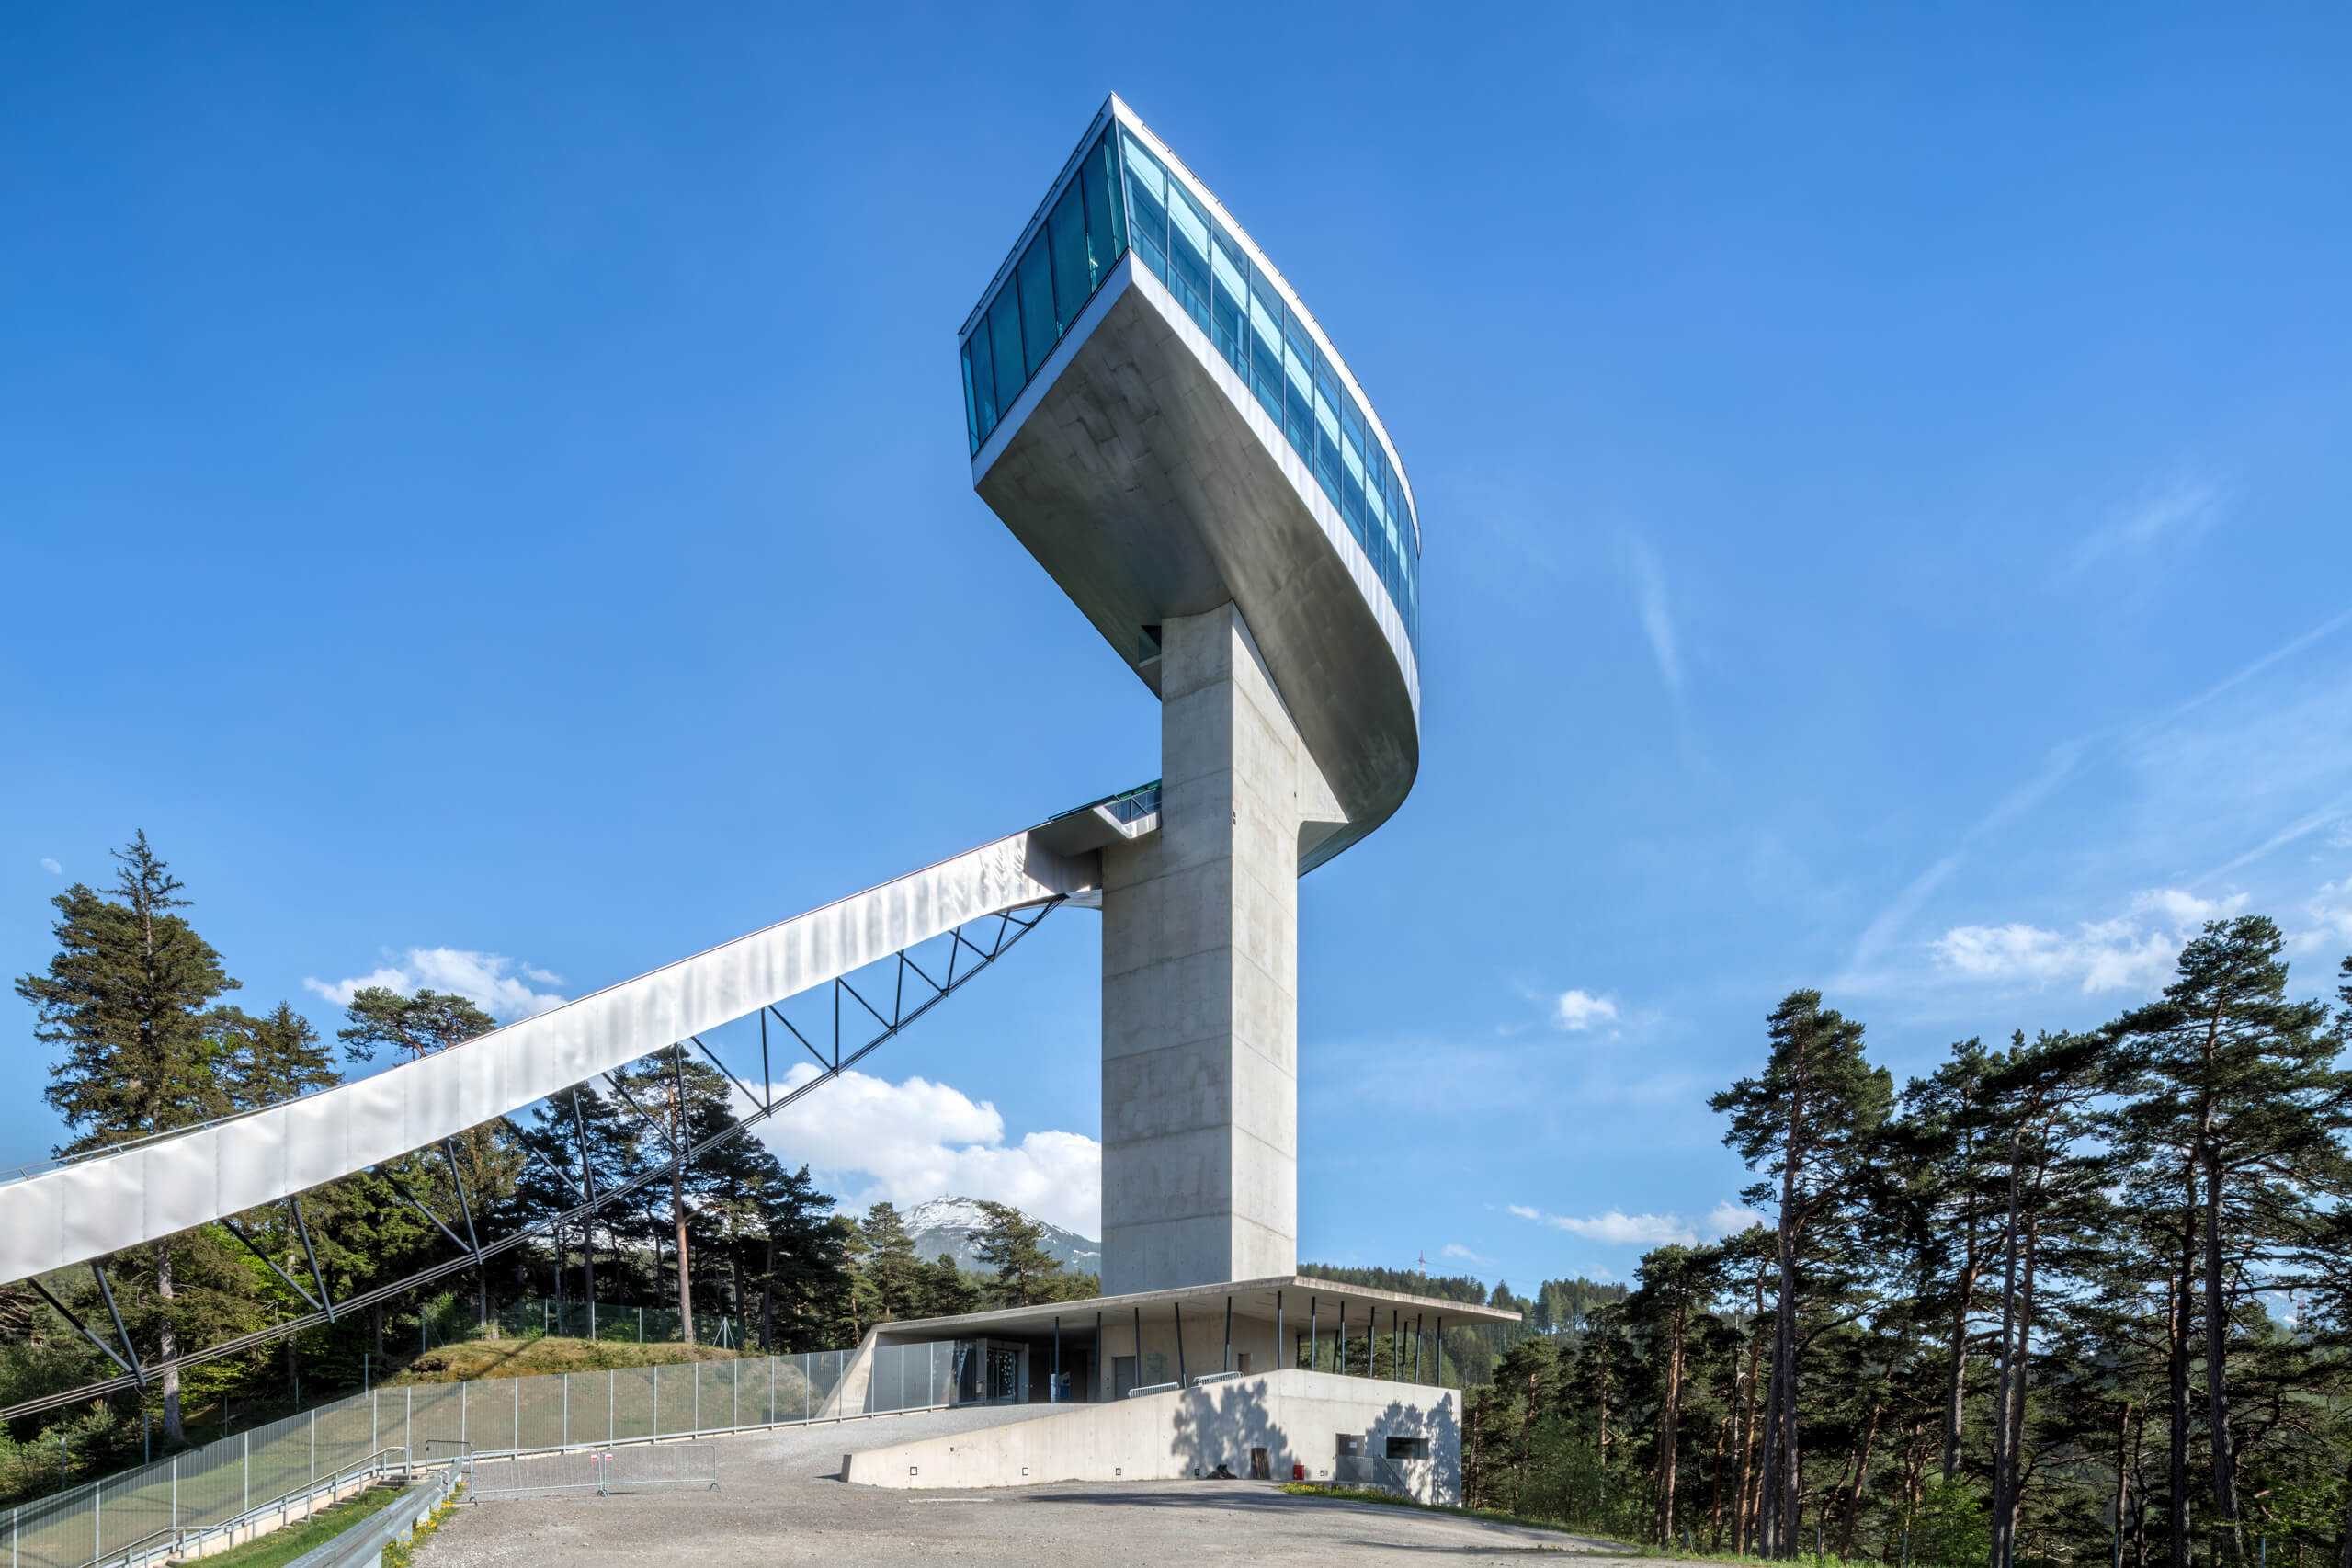 Bergisel Ski Jump – Zaha Hadid Architects